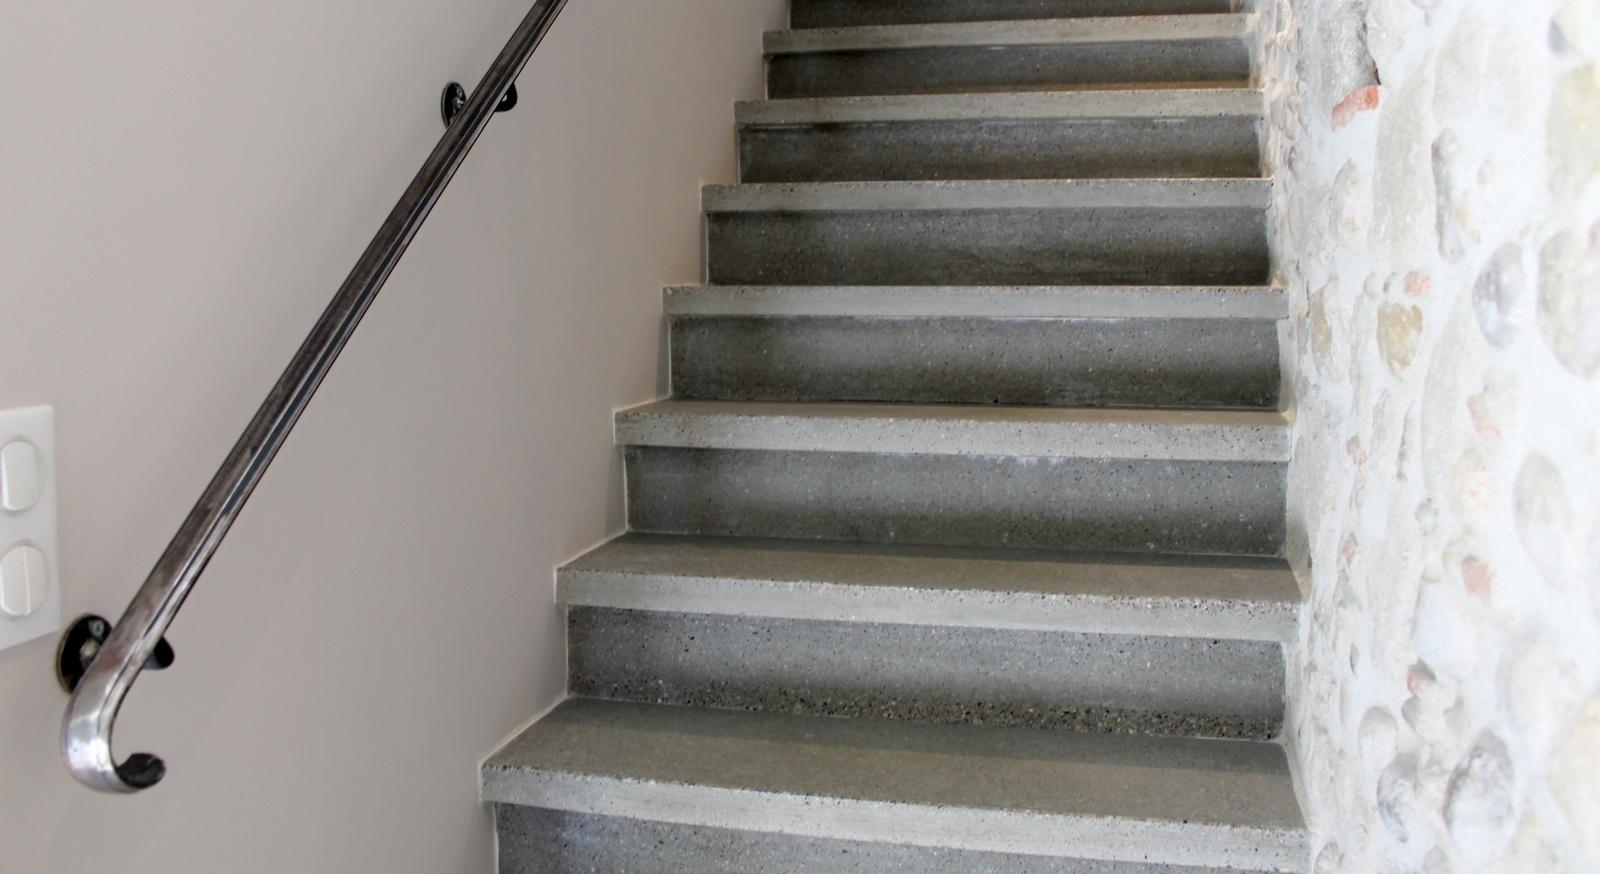 Incroyable La Deuxième Est Un Escalier En Ciment Avec Un Nez De Marche Chanfrainé Qui  Su0027adapte Trés Bien Dans Les Lieux De Services.